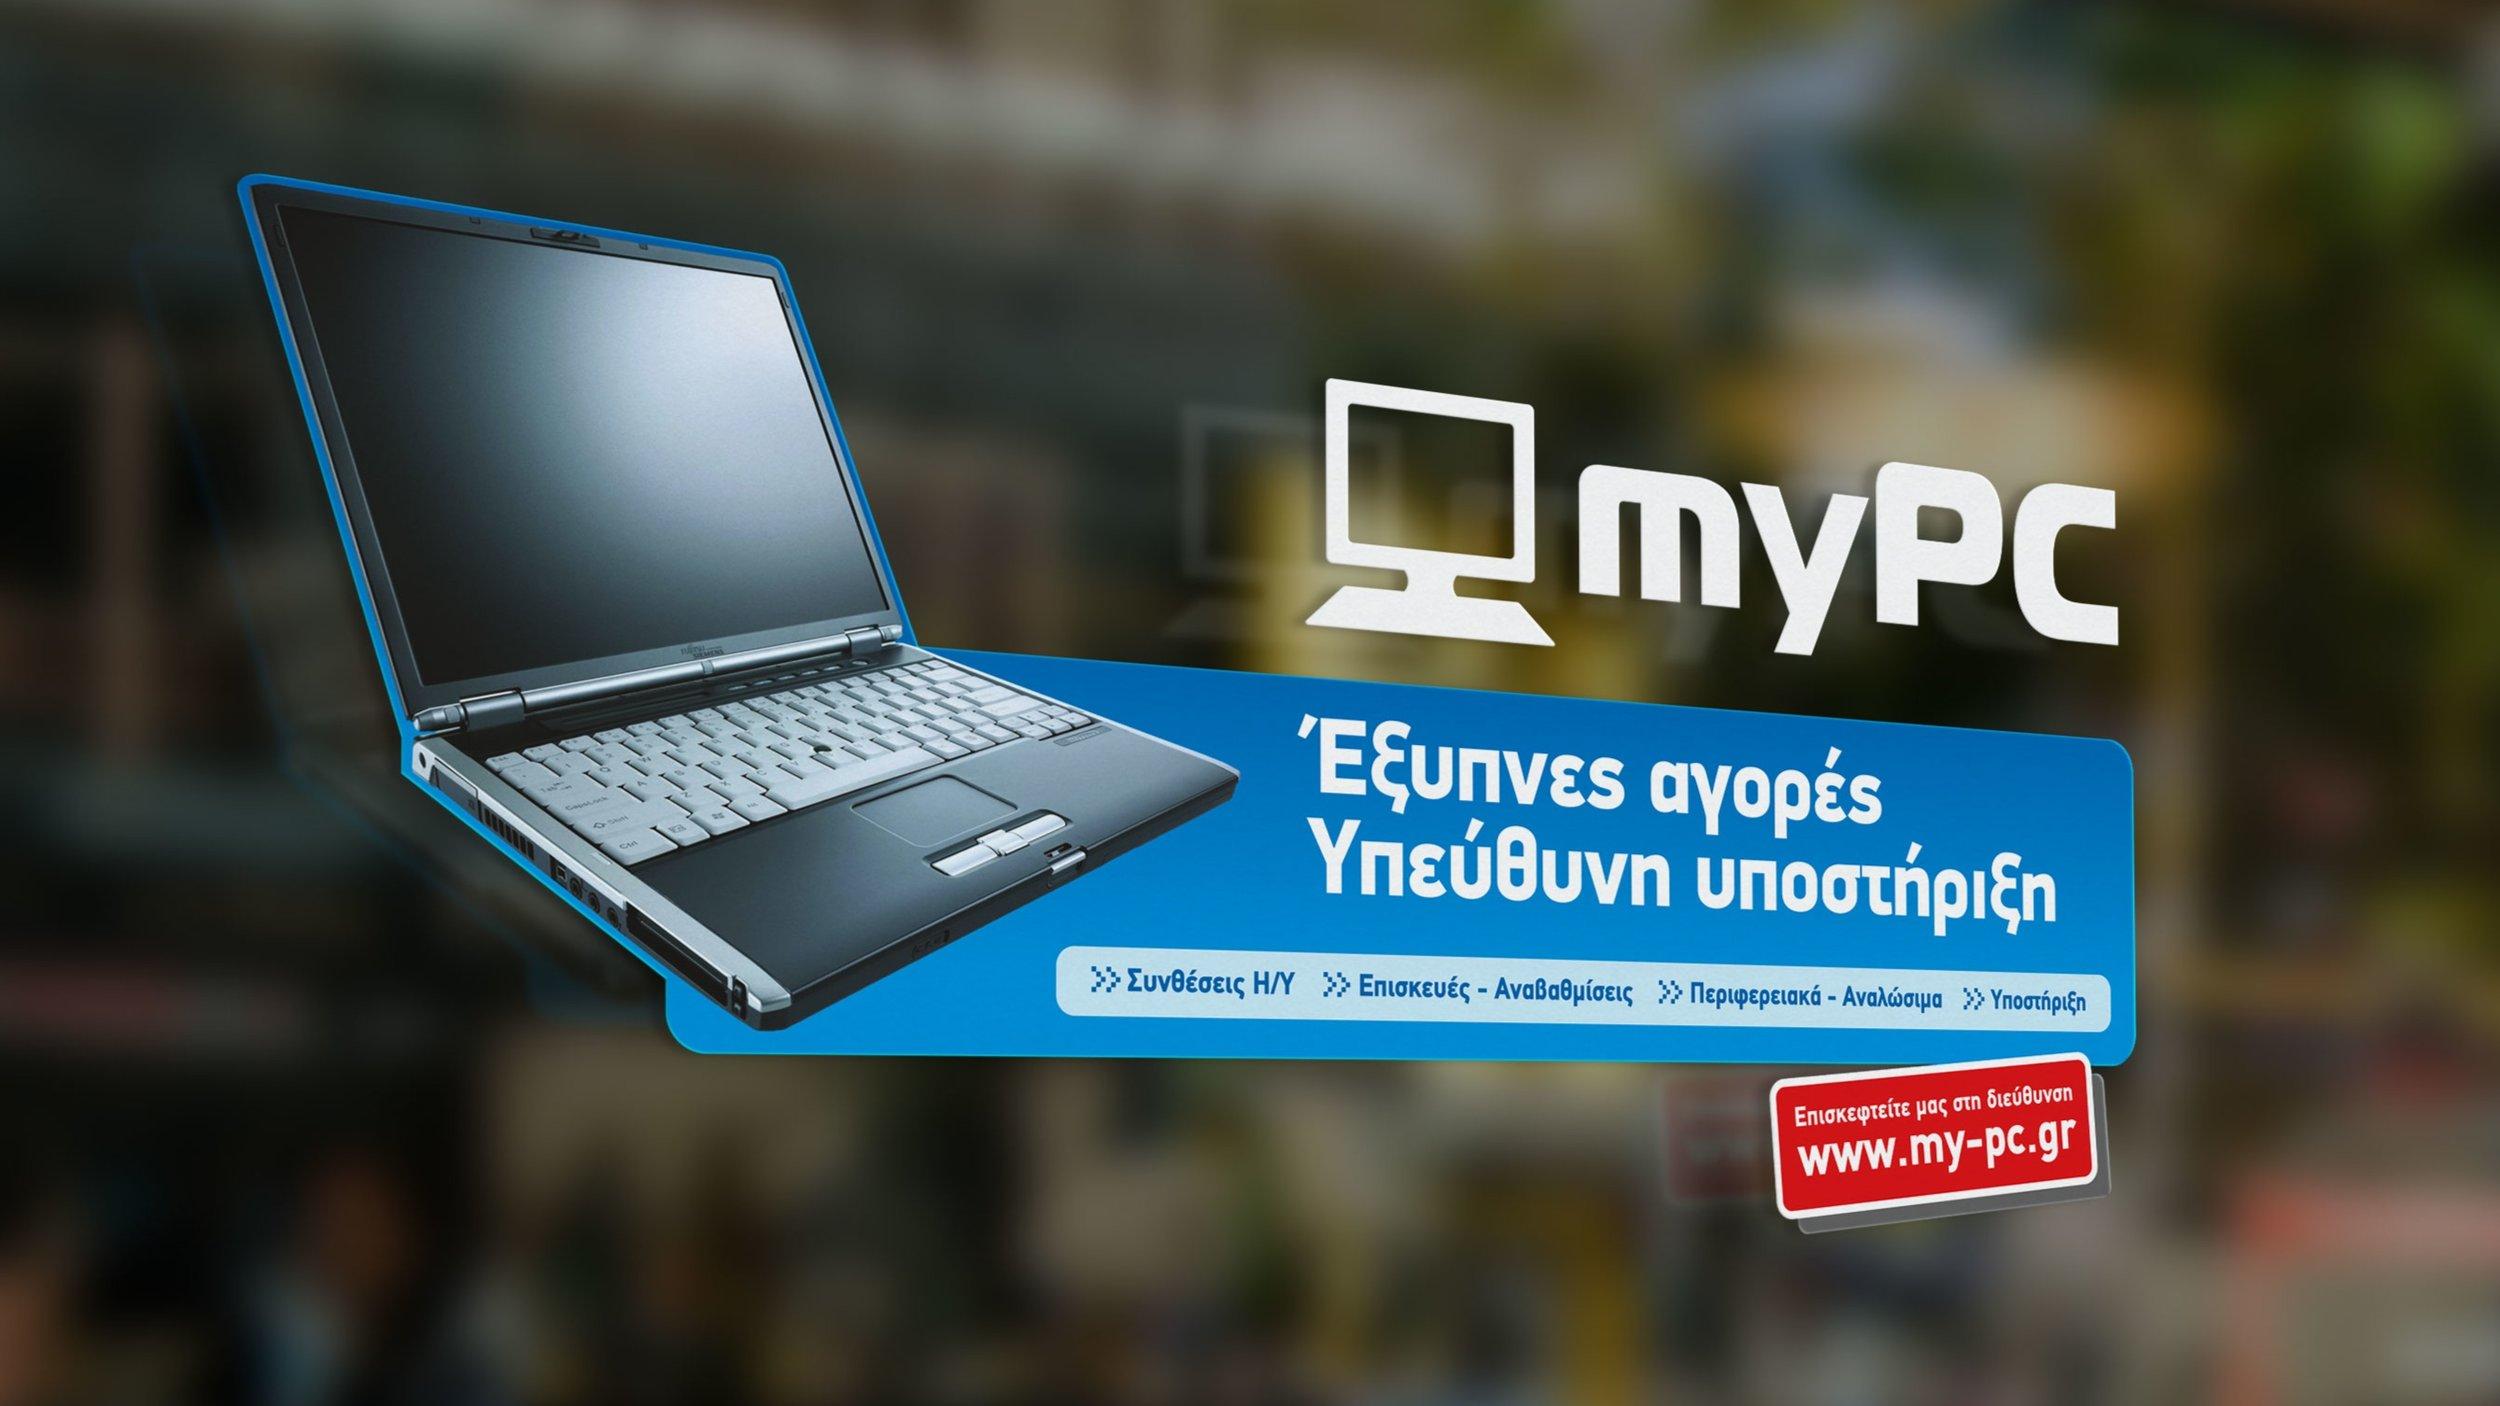 mypc1_Snapseed.jpg